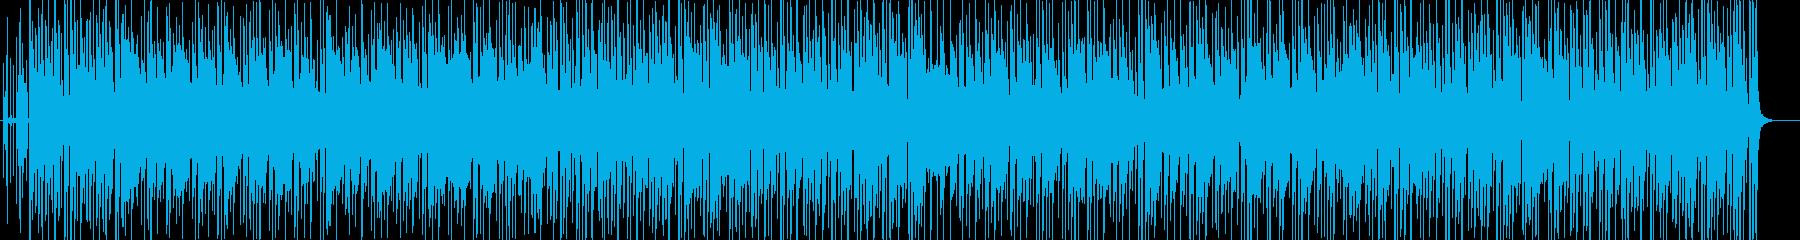 聴き馴染んだ曲をチャチャチャにの再生済みの波形